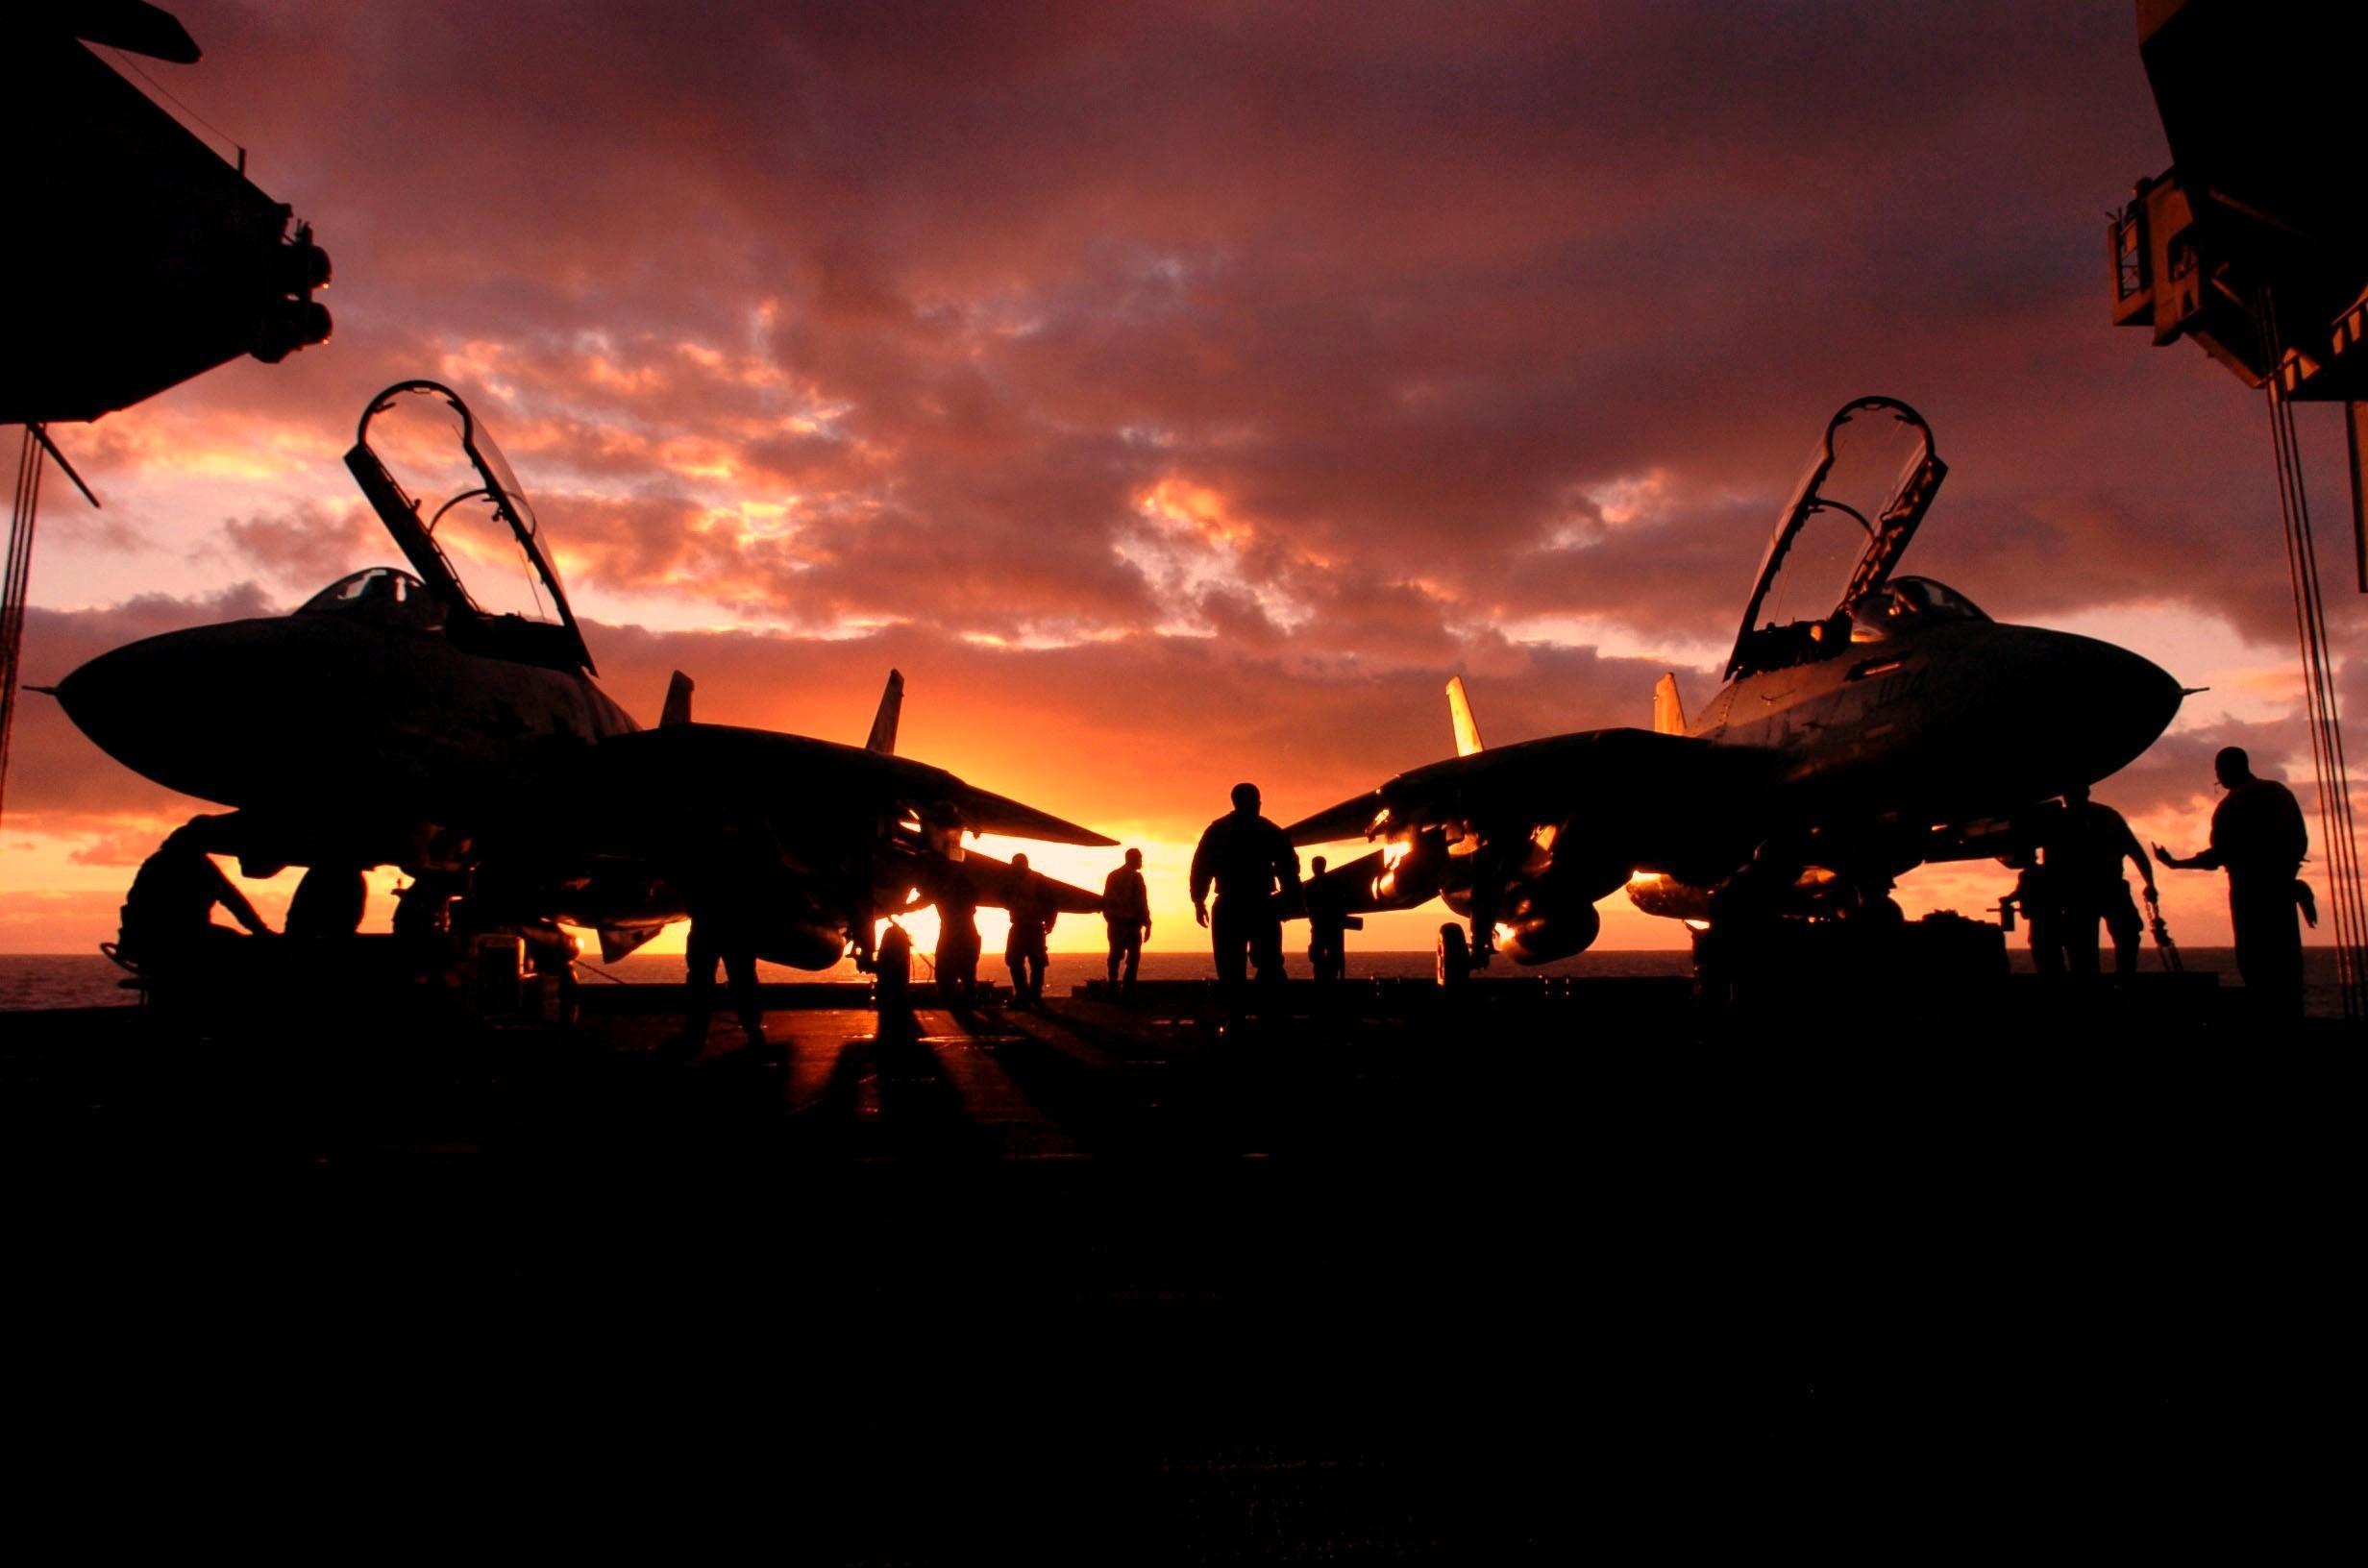 us navy screensavers and wallpaper - photo #47